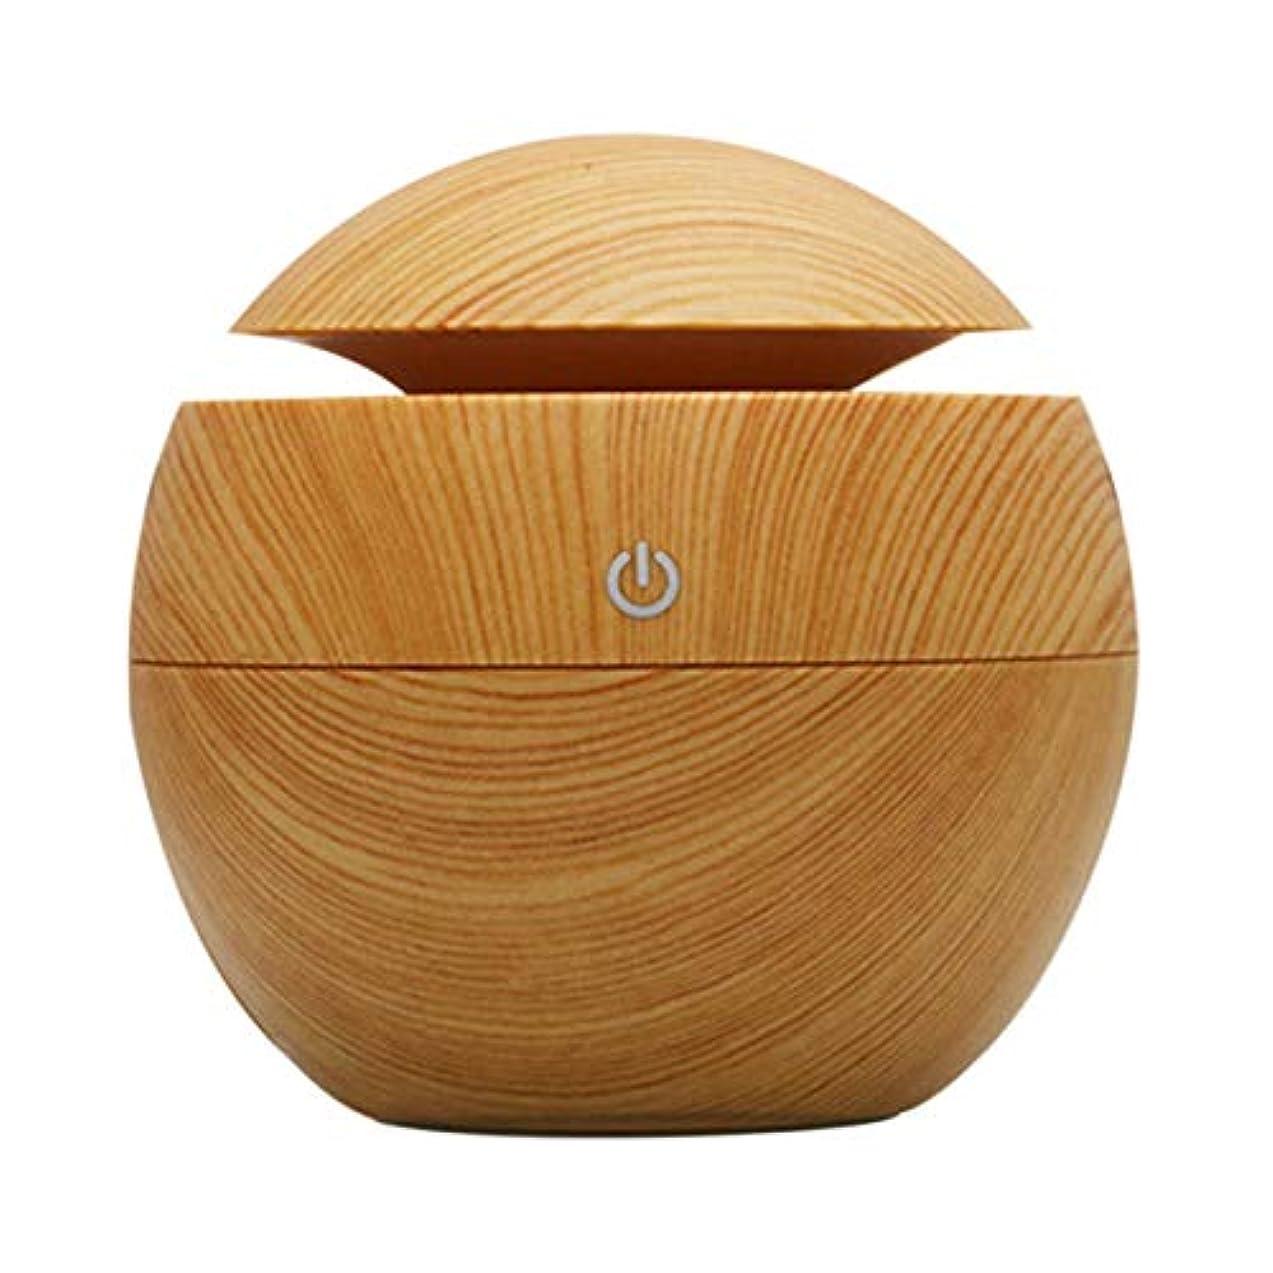 鬼ごっこフルート意図するSaikogoods 130mlのポータブルサイズの木製のホームオフィスアロマエッセンシャルオイルディフューザー超音波USB充電式ミスト加湿器 ライトウッドカラー